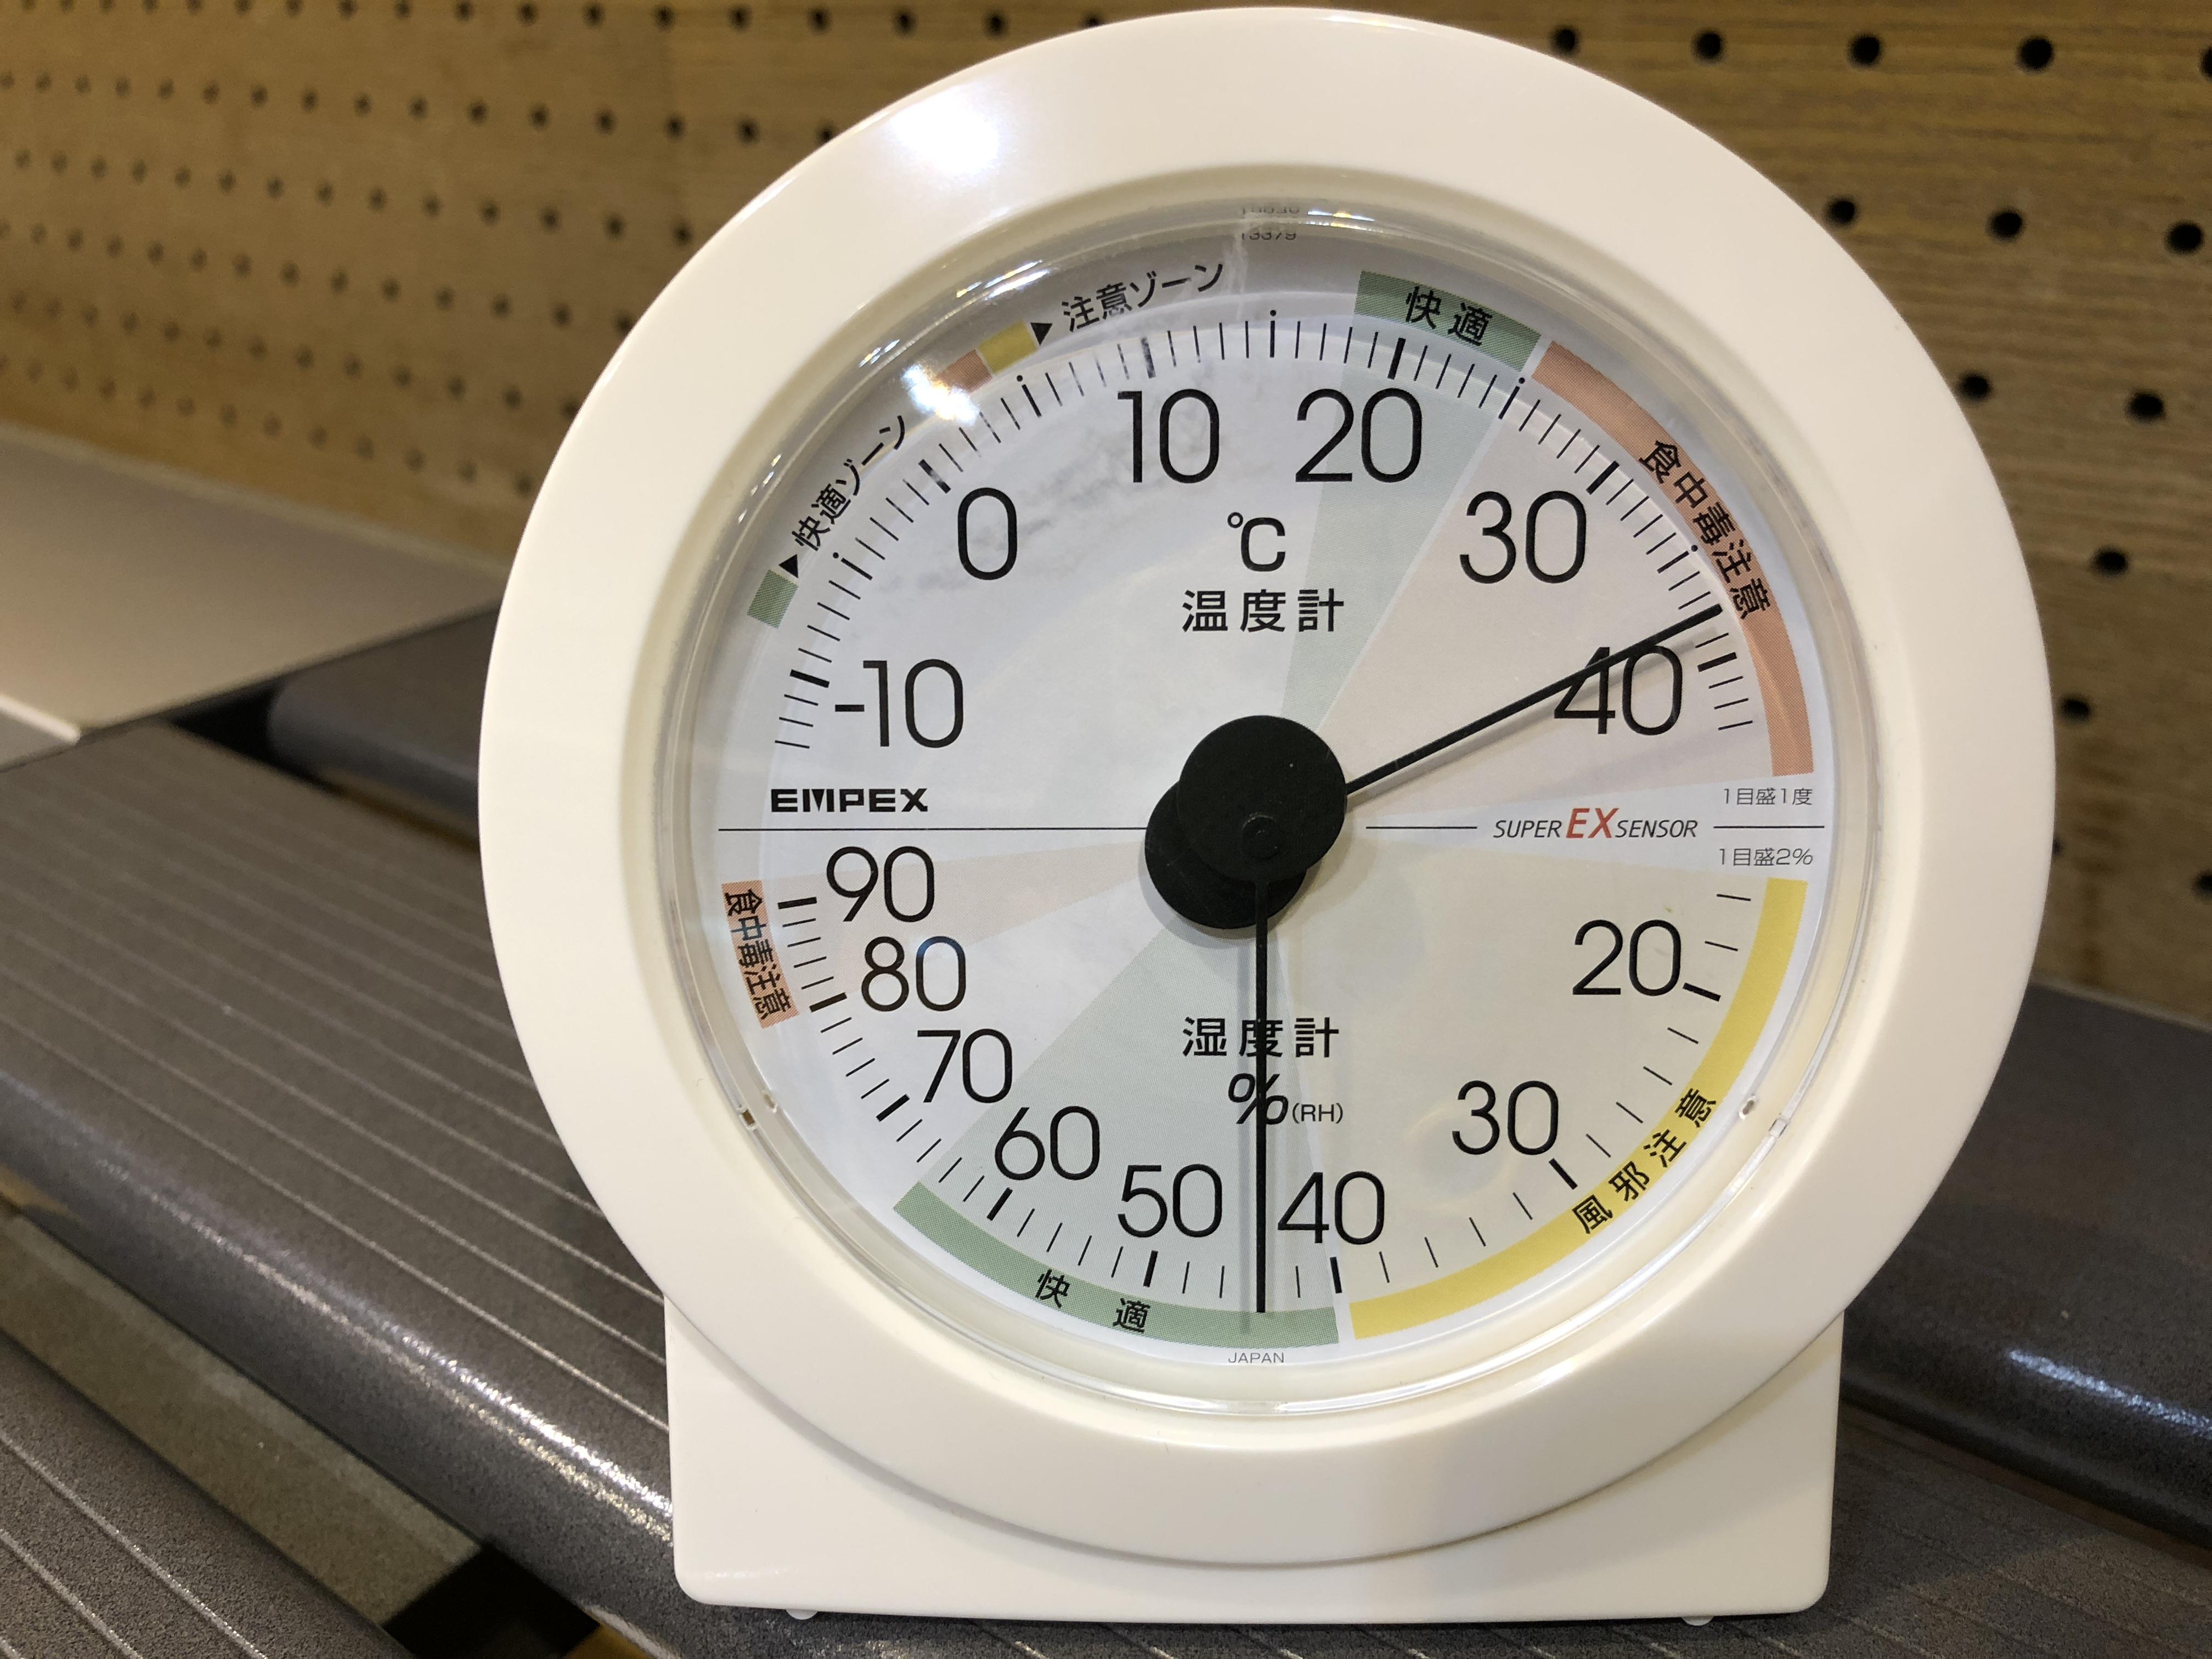 ほぼ無風の38℃&44%の猛暑バドミントン。熱中症対策は各自万全にお願いしますm(__)m